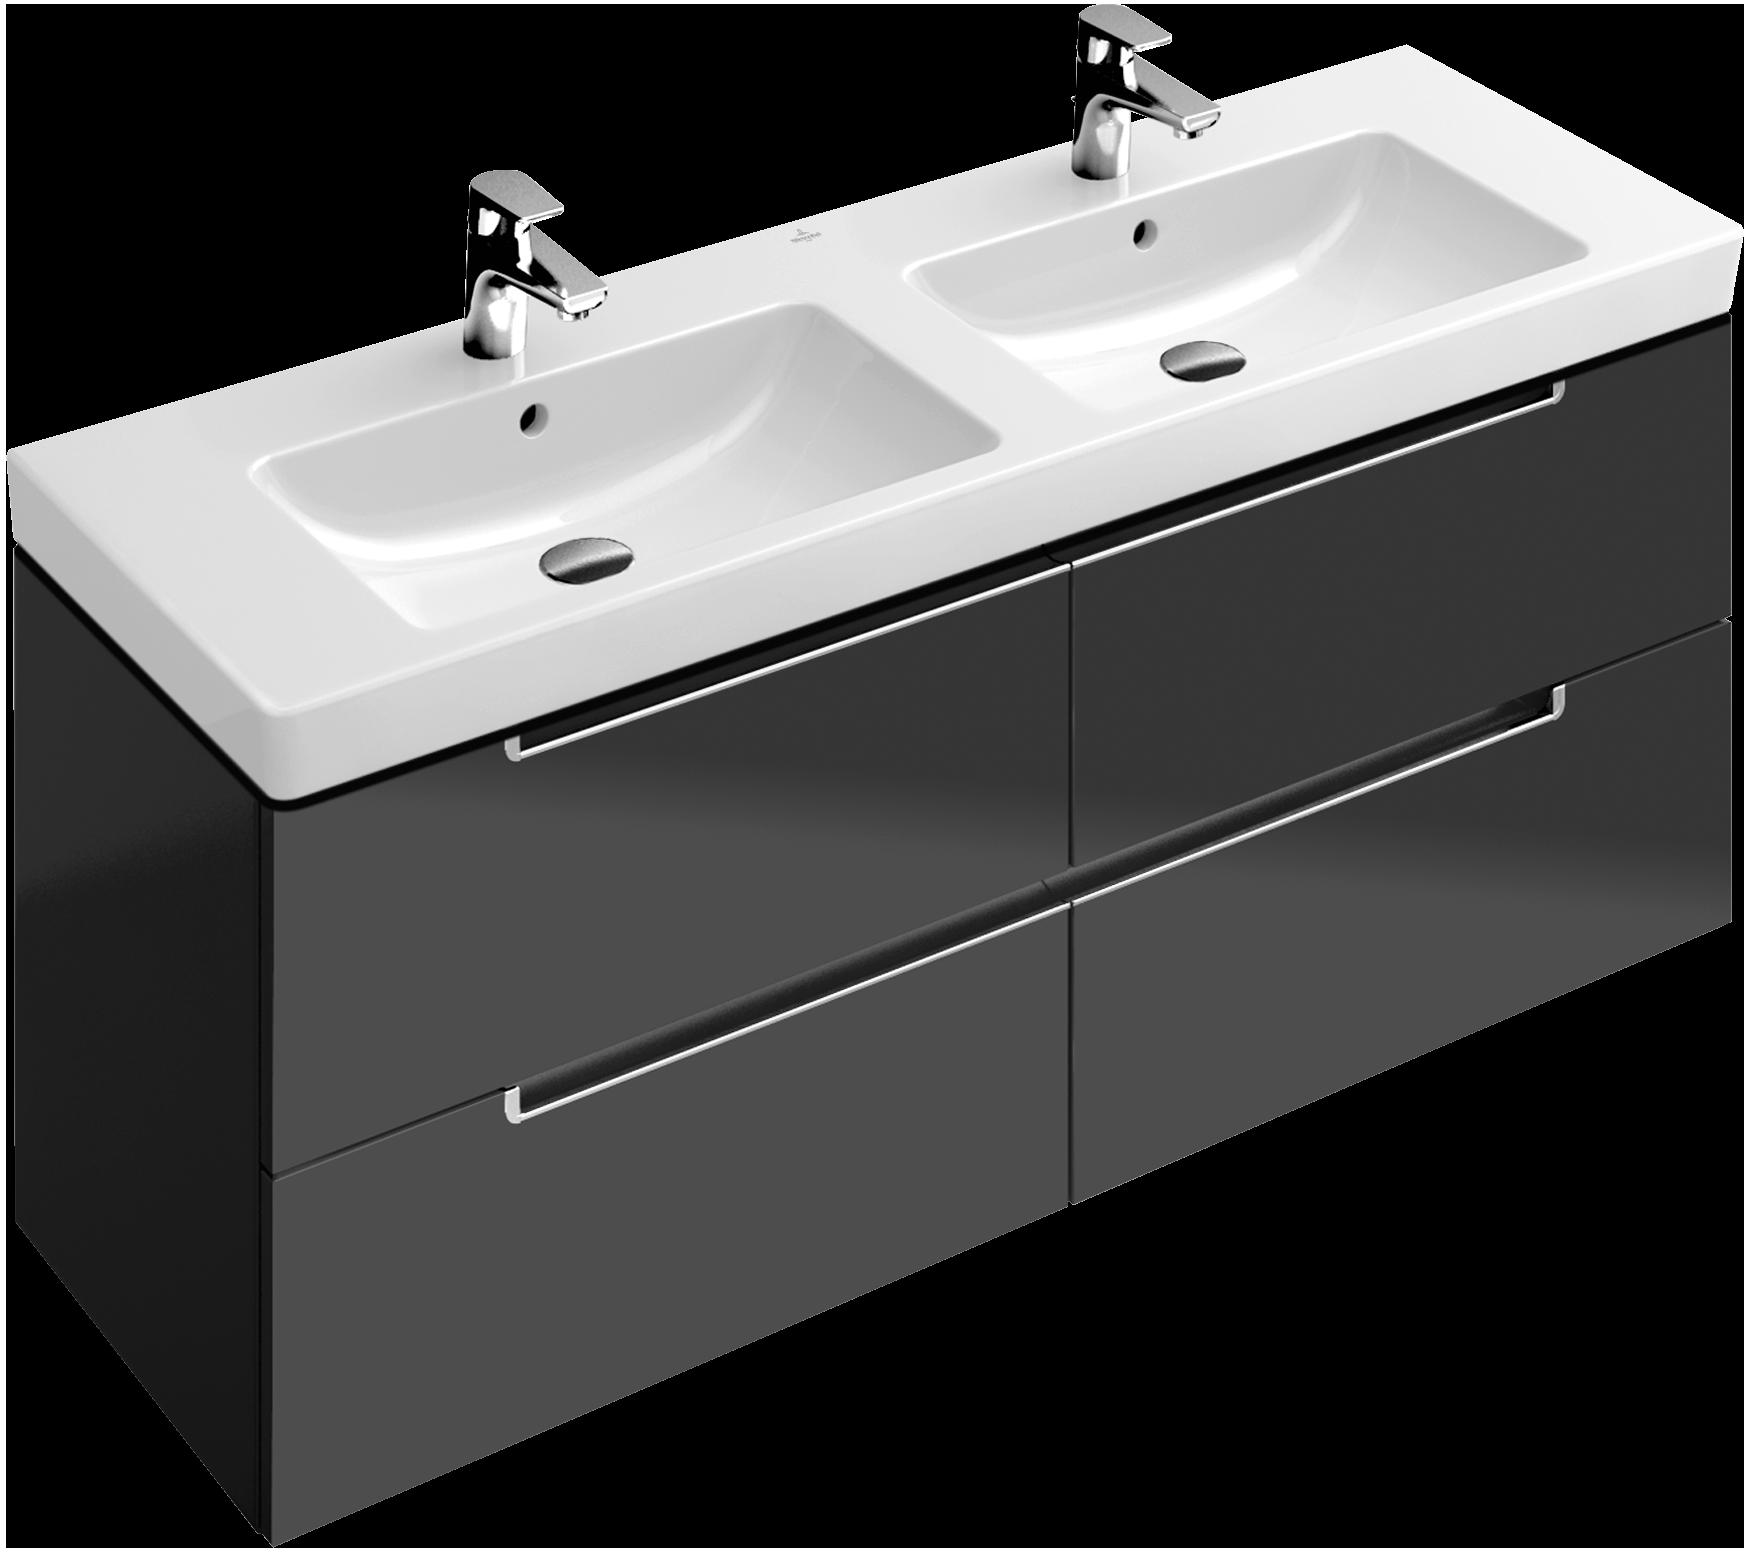 subway 2.0 badmöbel, unterschrank für waschtisch, Badezimmer ideen